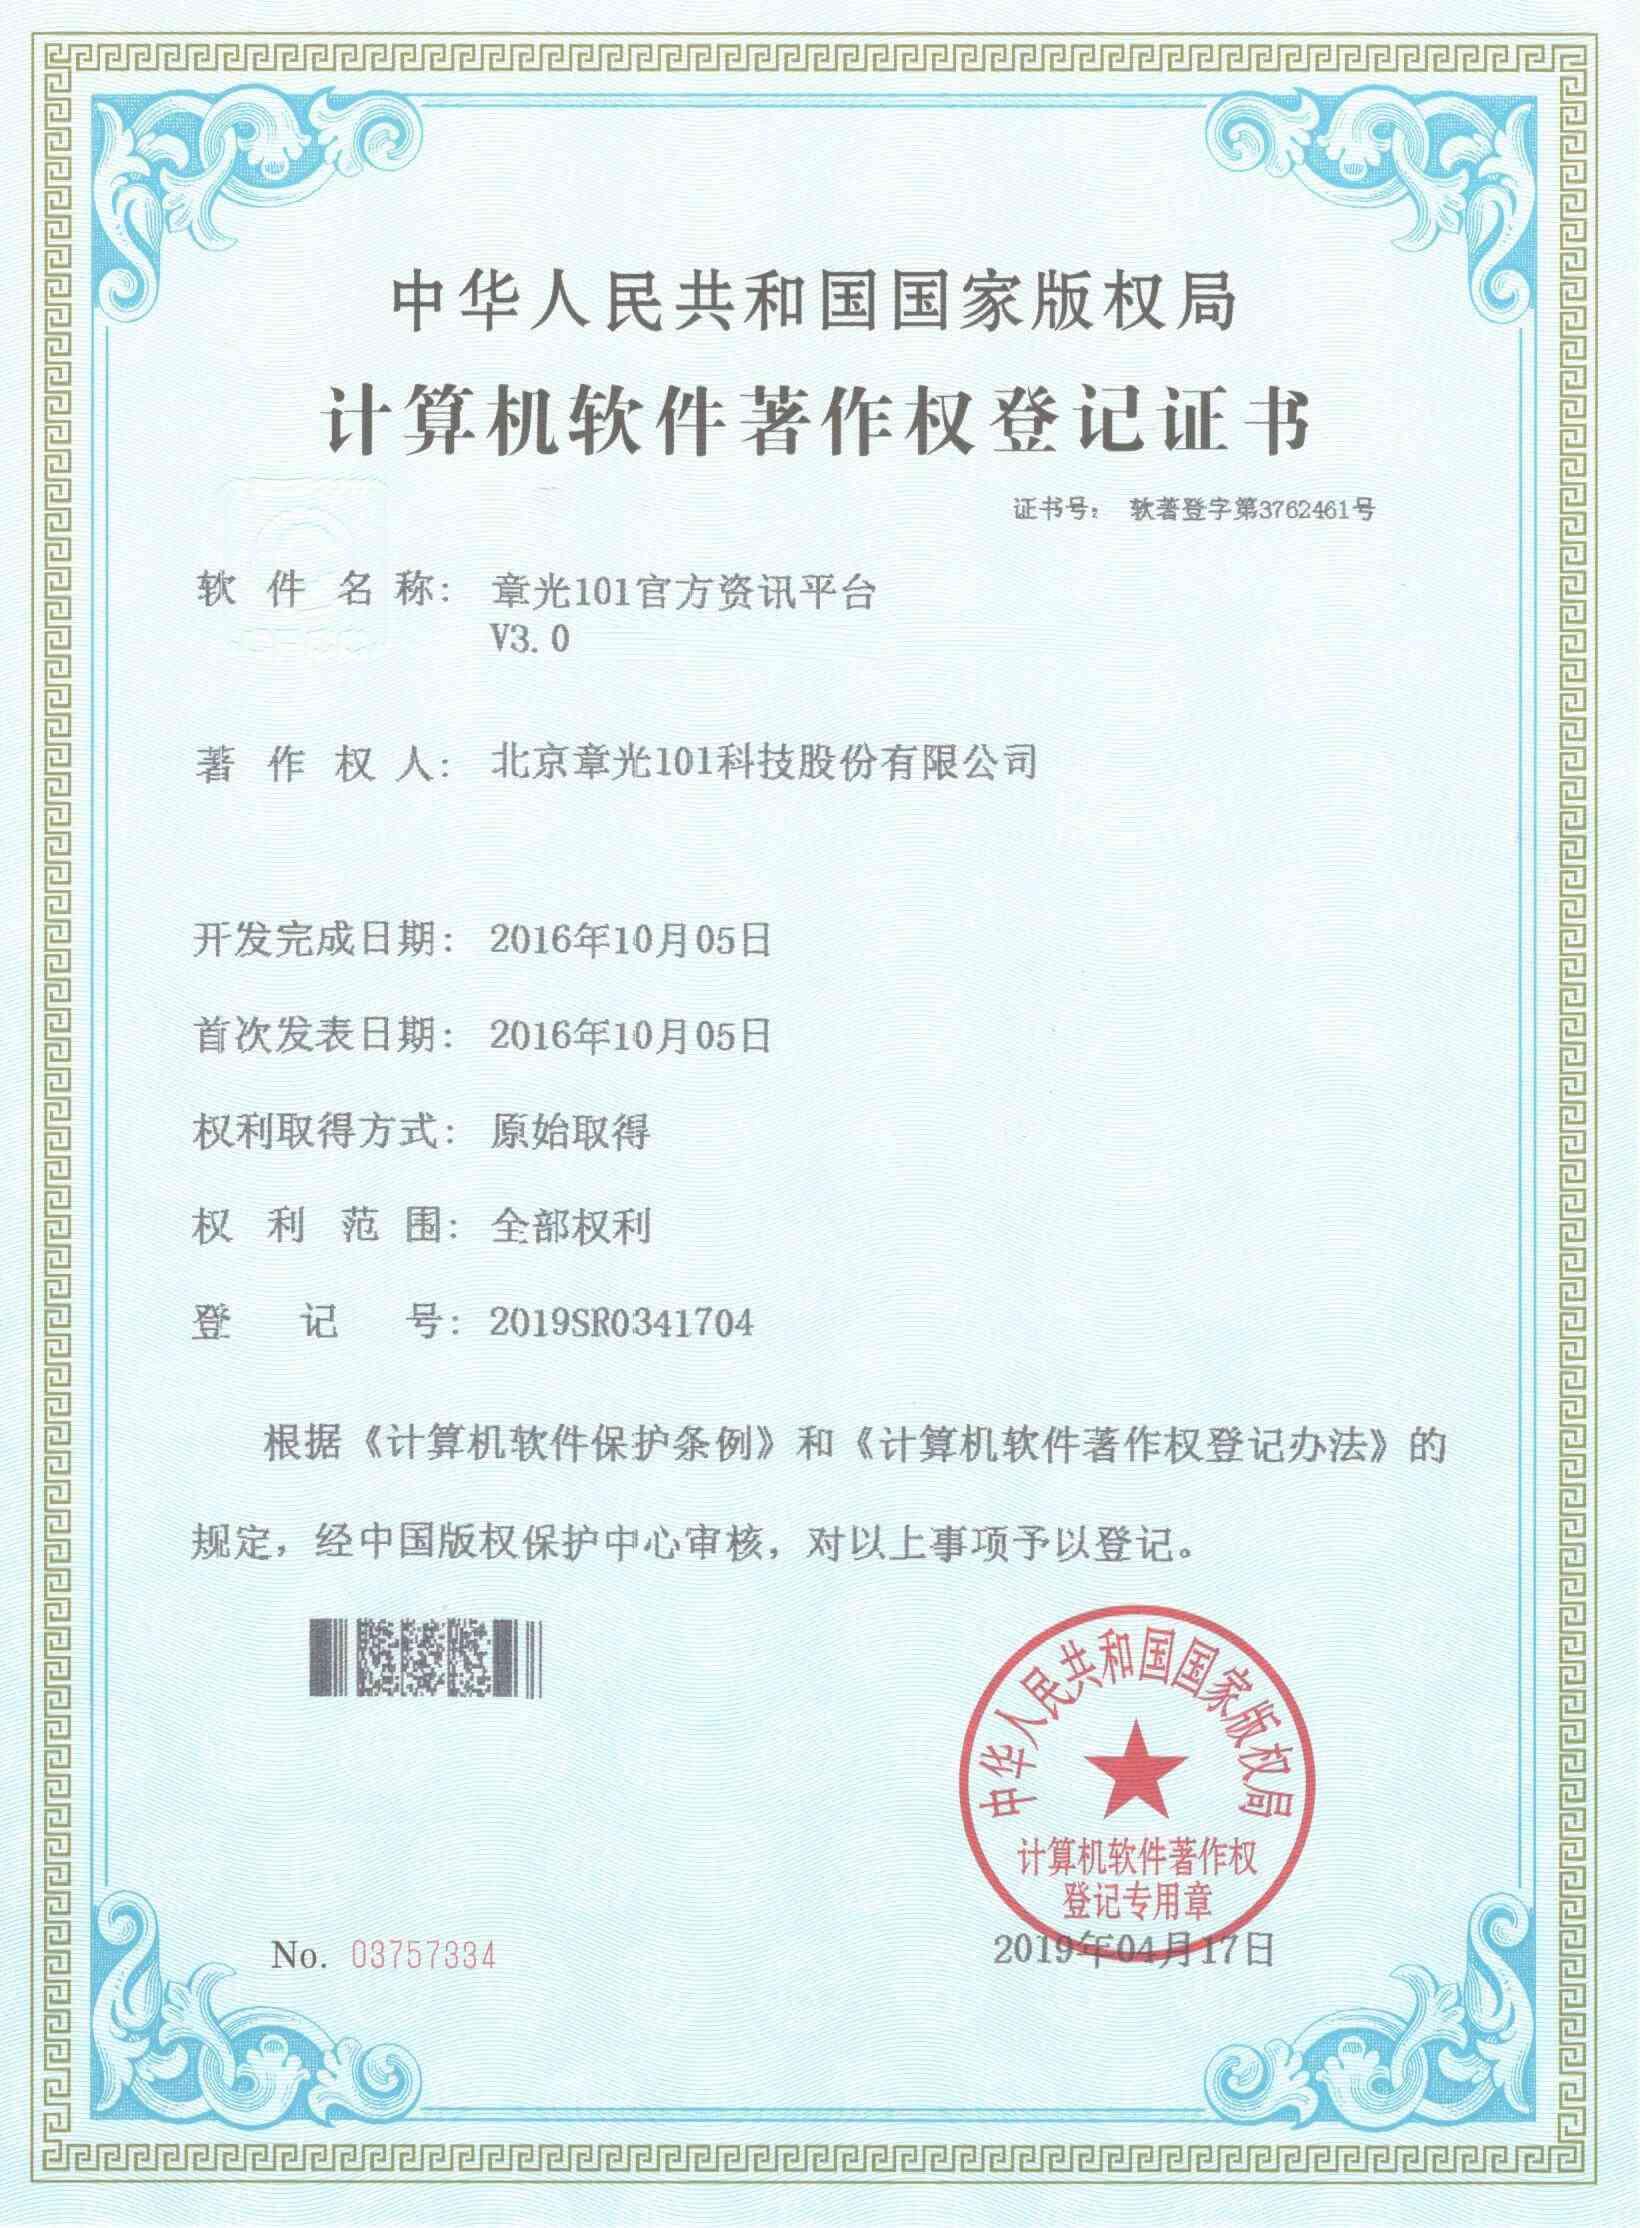 章光101官方资讯平台